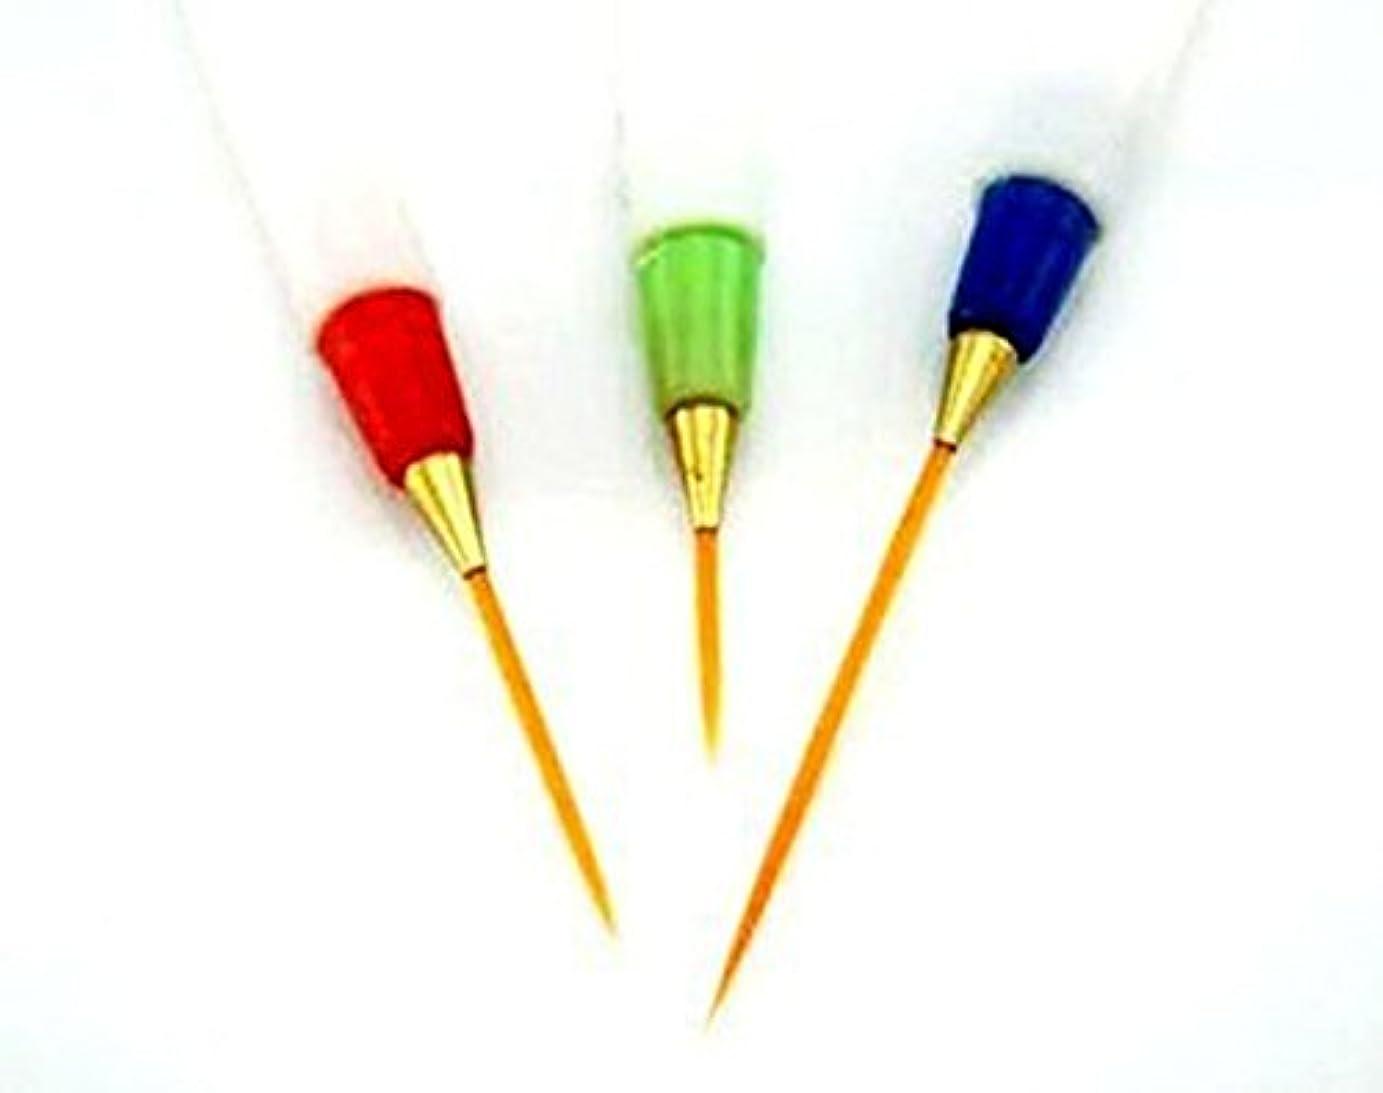 昆虫を見るゼロ小学生Vaorwne 3x白い絵画ペンネイルアートデザインペンブラシの描画ストライプライナーセット